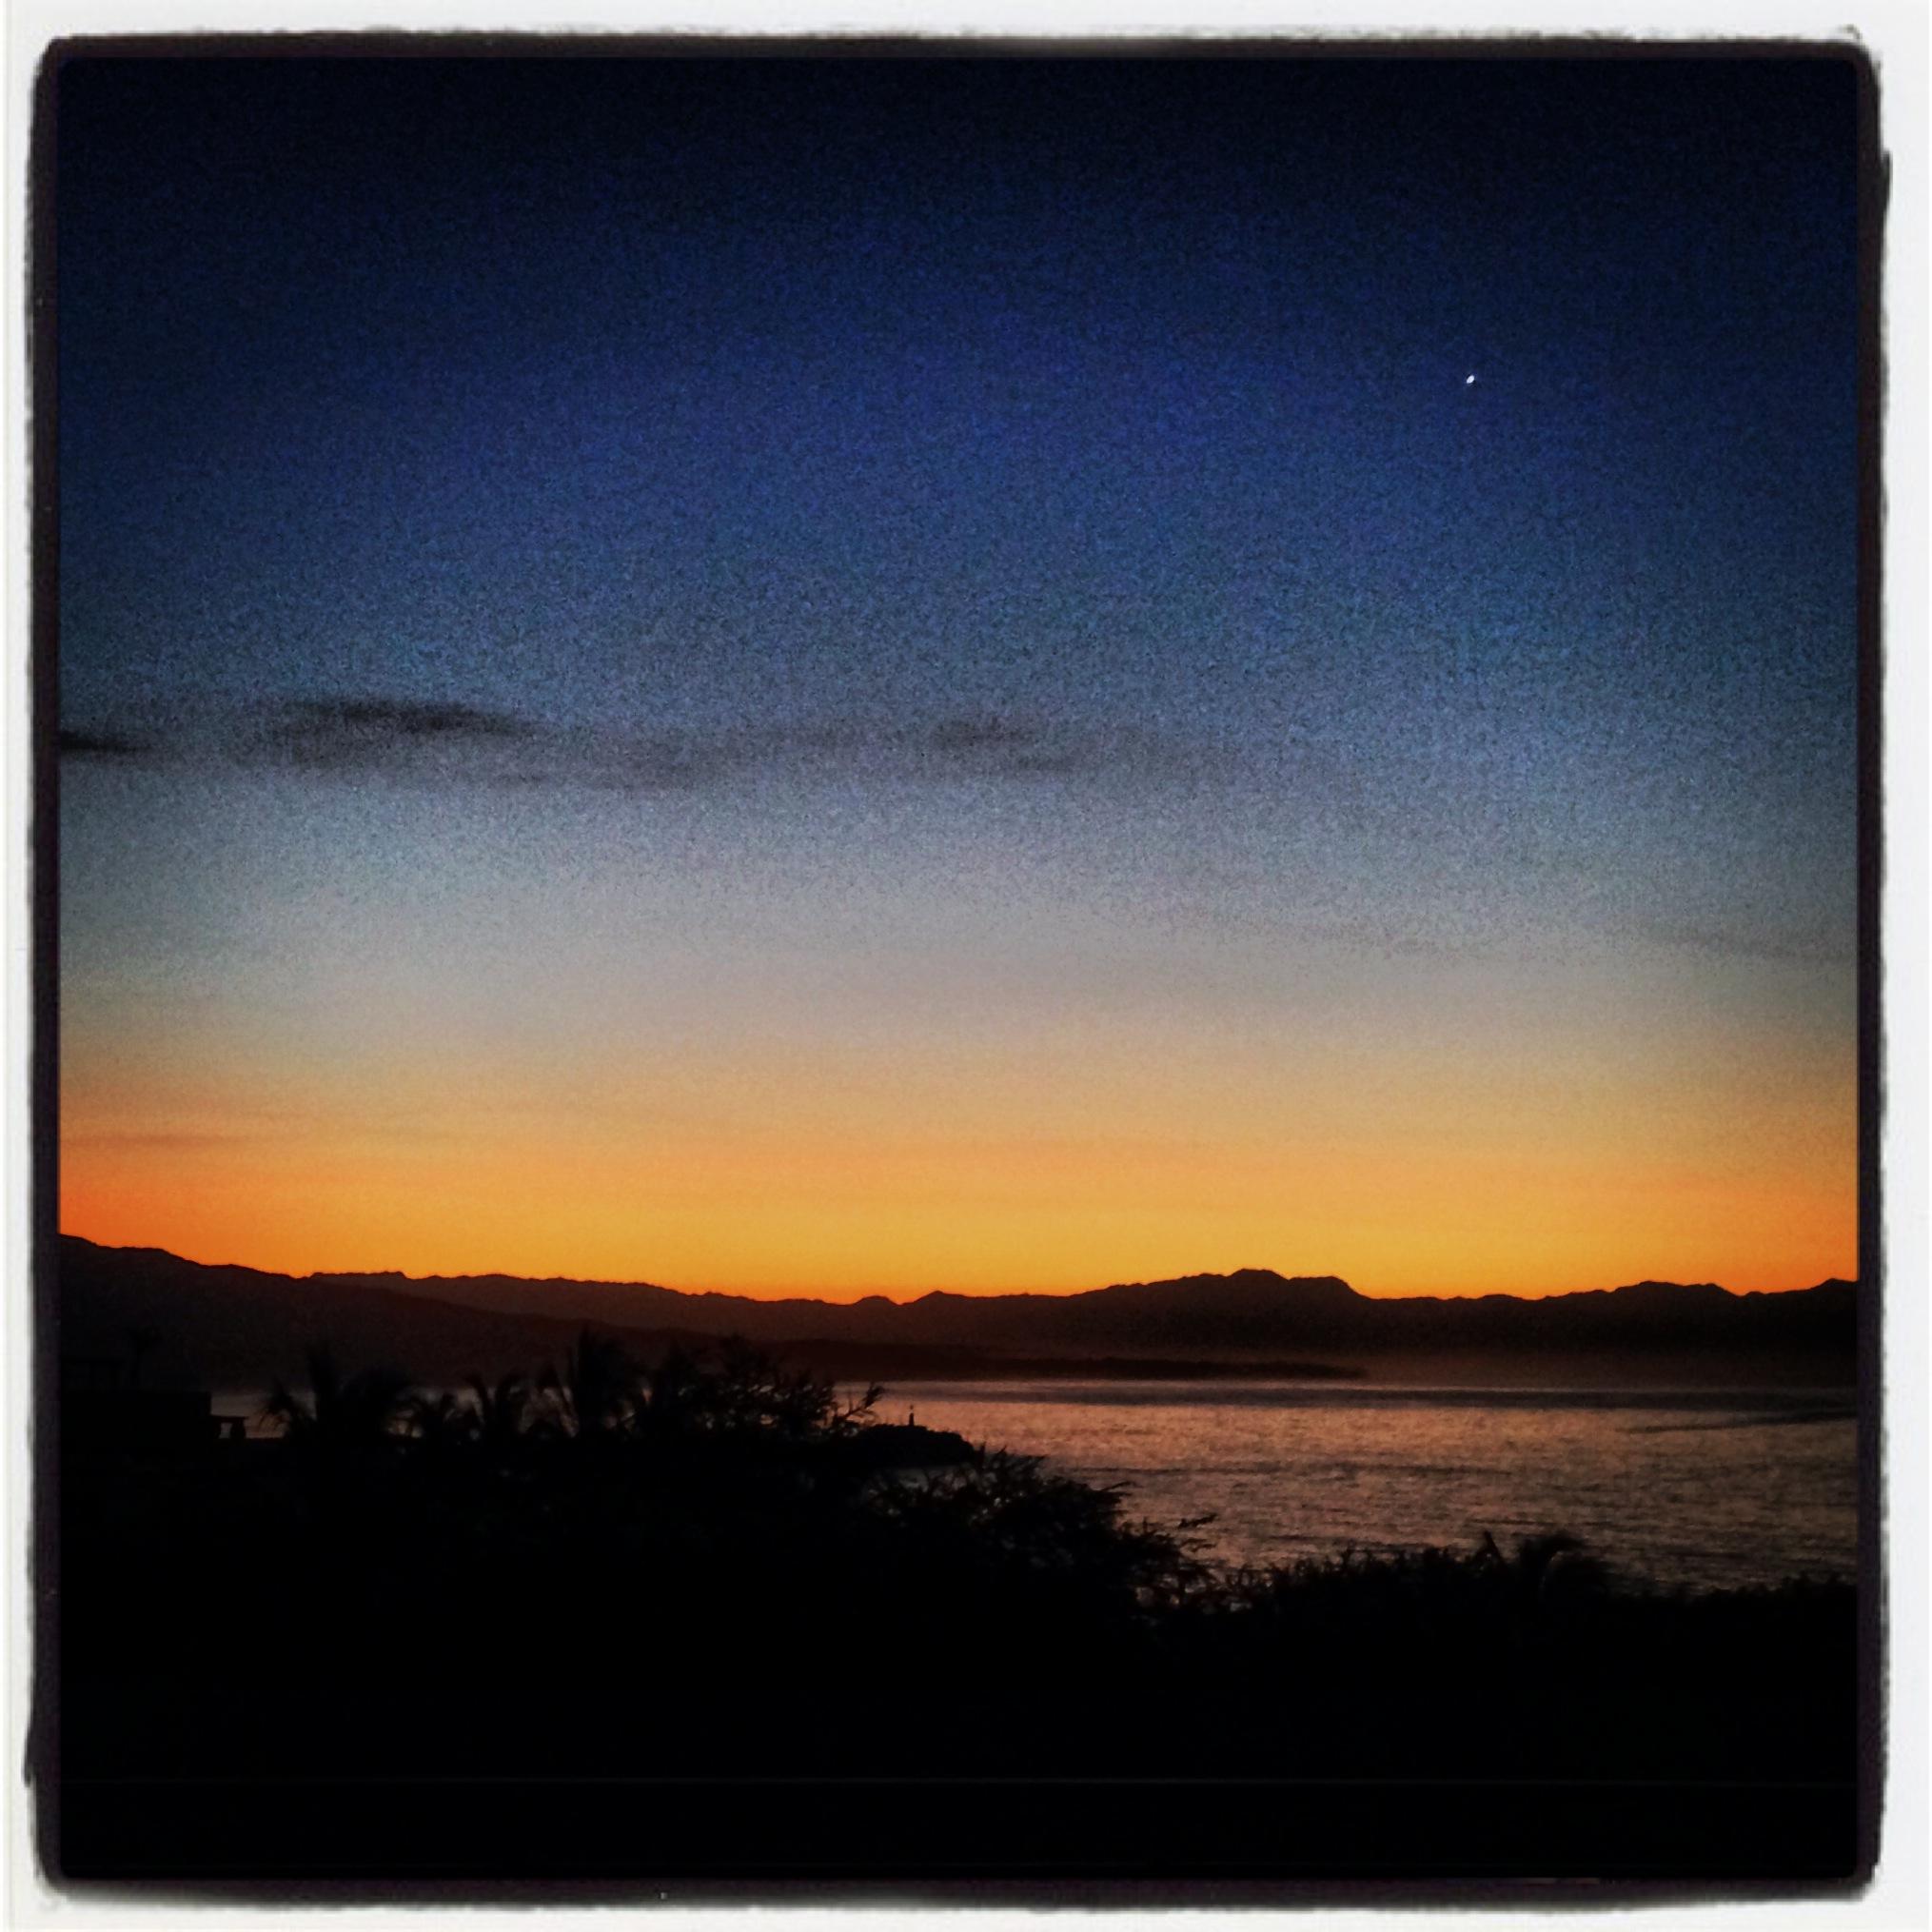 Early morning sun, Punta Mita